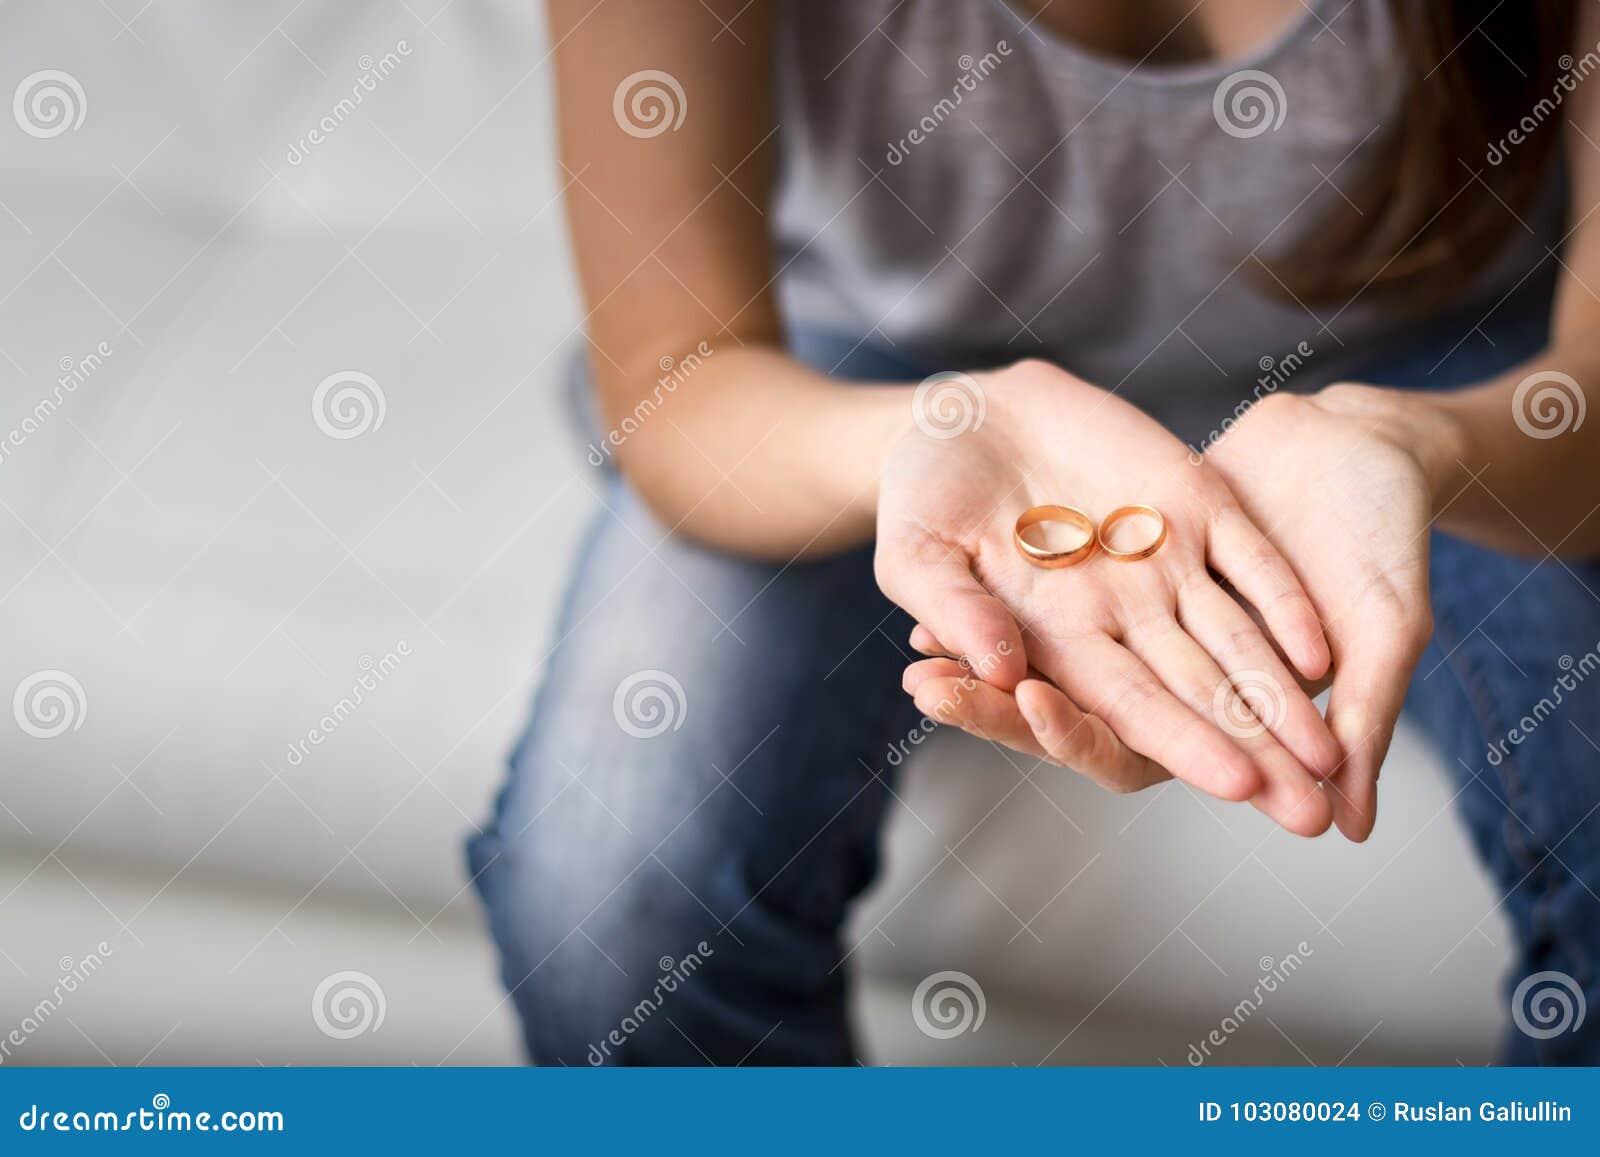 El ser esposa triste mira el anillo en la palma delante de él, nostálgico sobre un marido anterior, familia, boda El concepto de